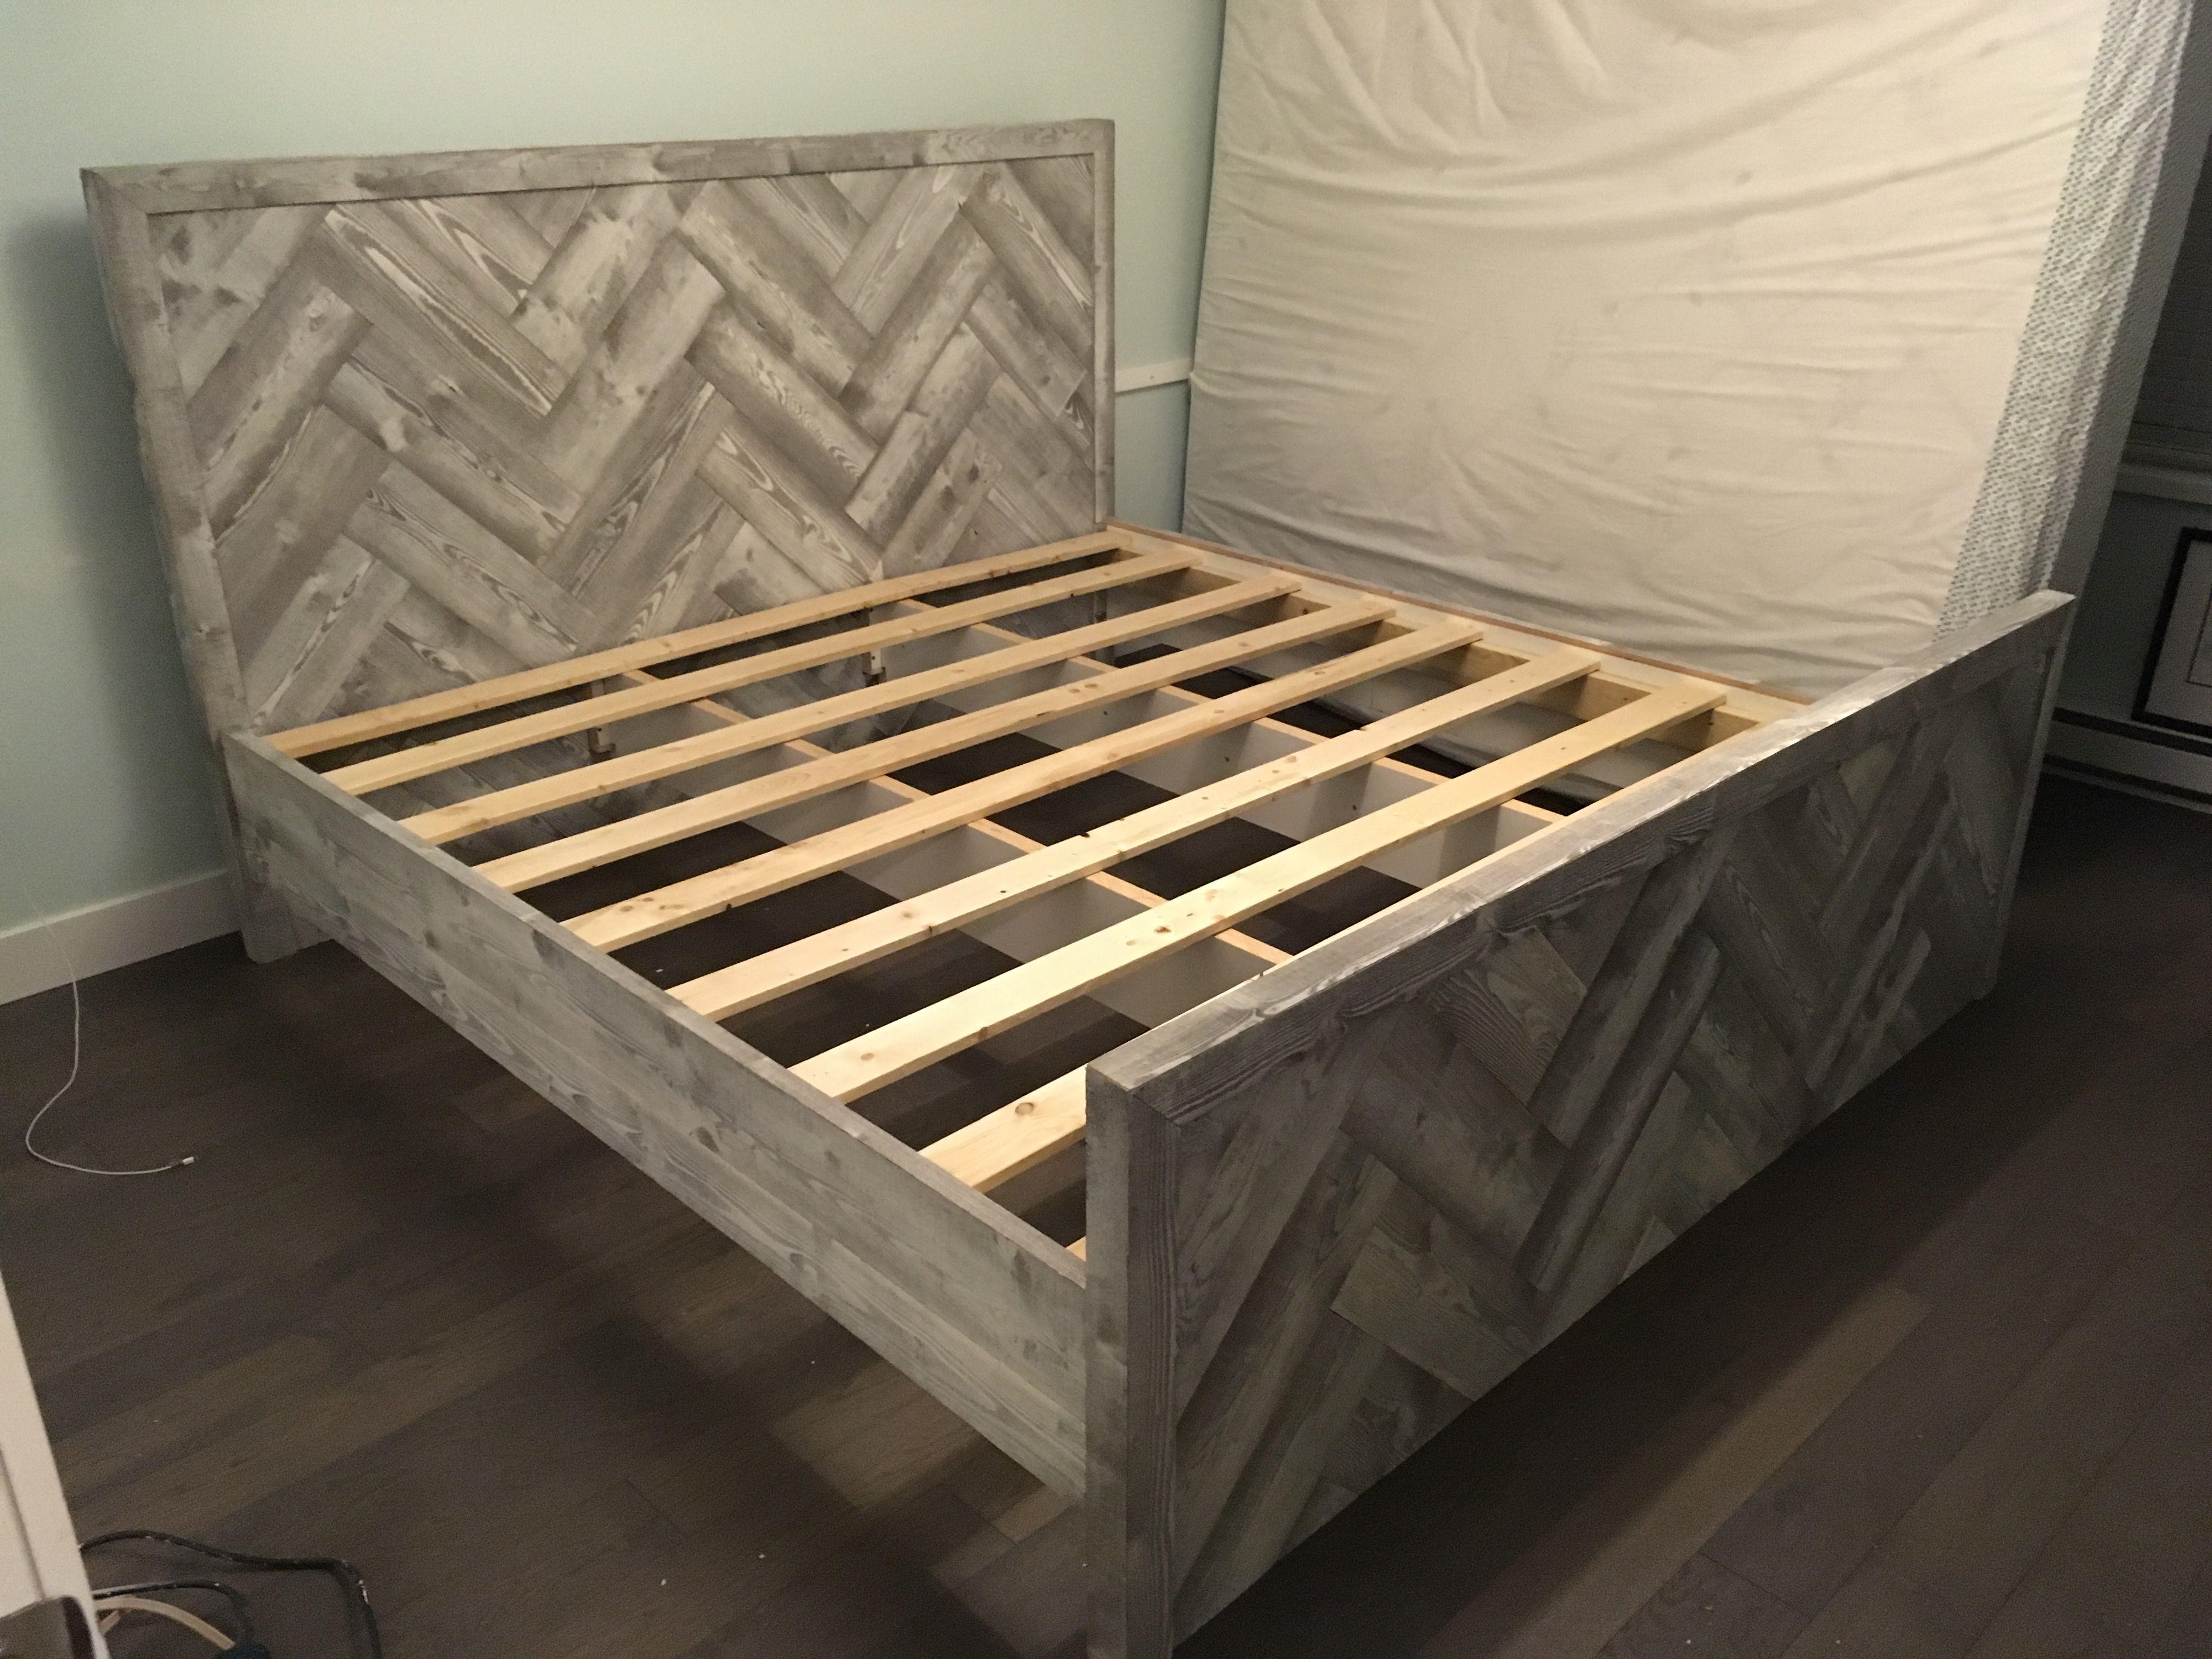 Reclaimed Barn Wood Herringbone King Size Bed Frame Queen Size Bed Frame Diy King Size Bed Frame Diy Diy Bed Frame